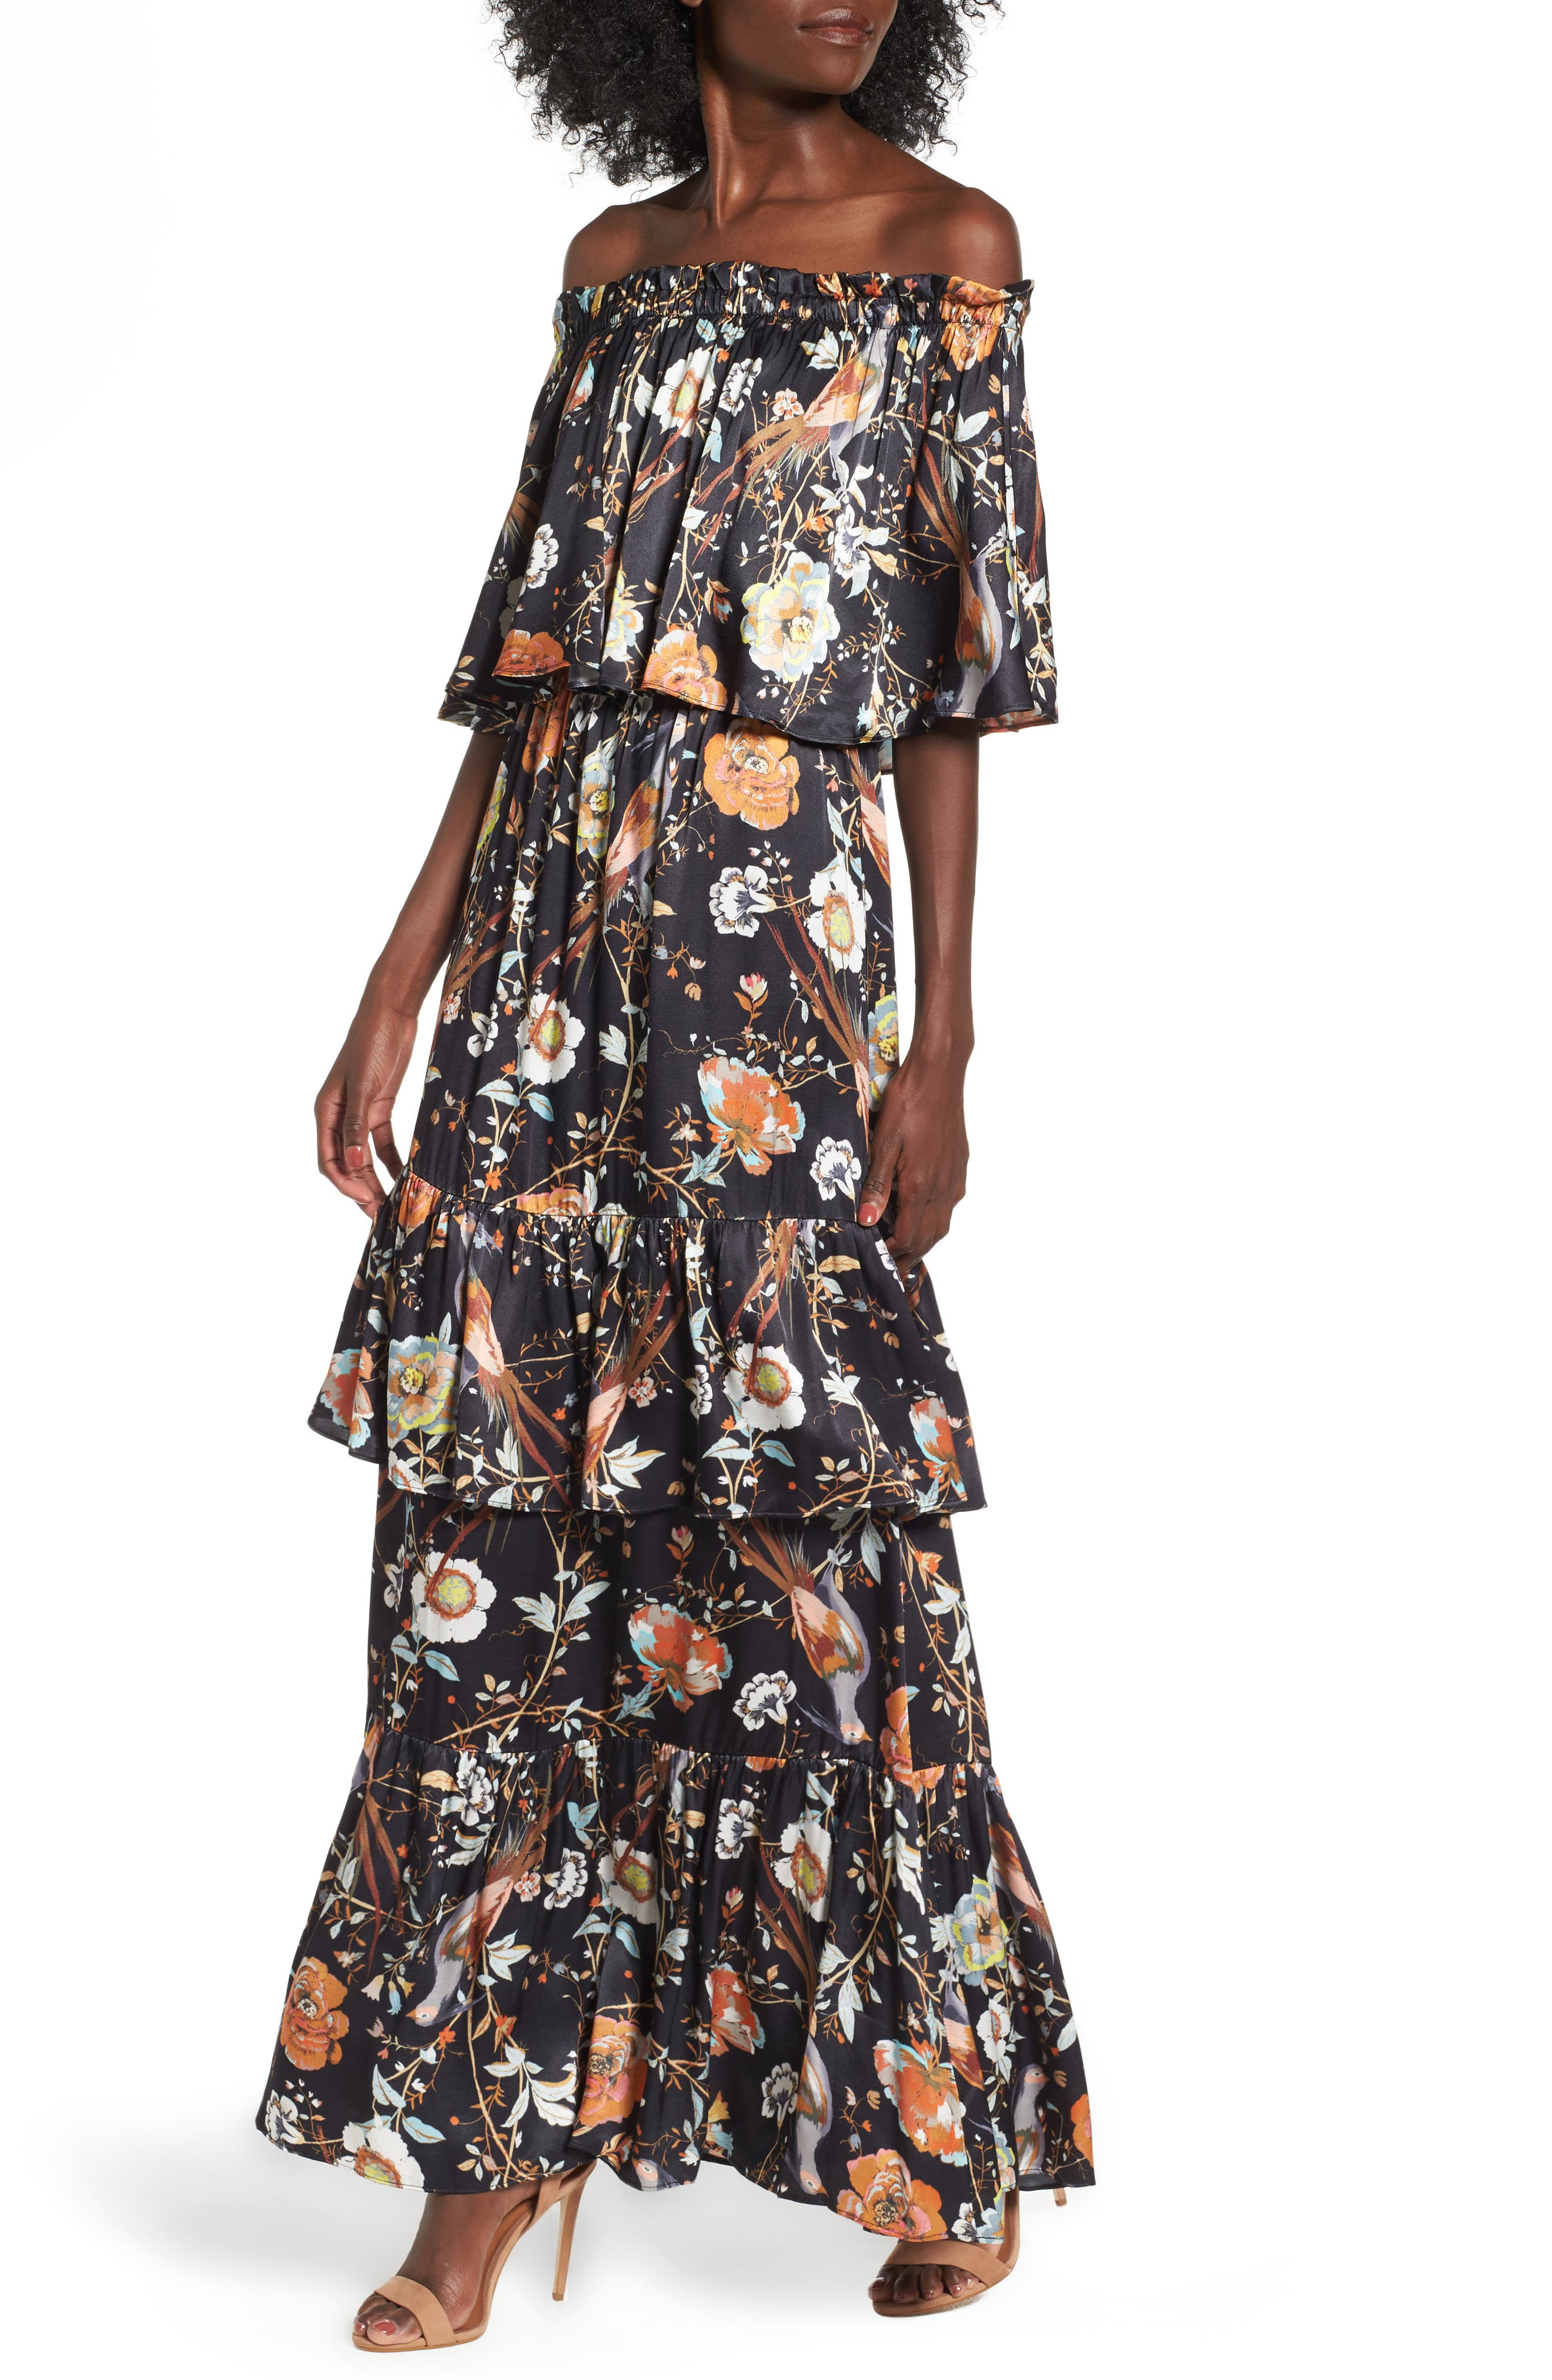 Alternate Image 1 Selected - AFRM Cleo Off the Shoulder Maxi Dress